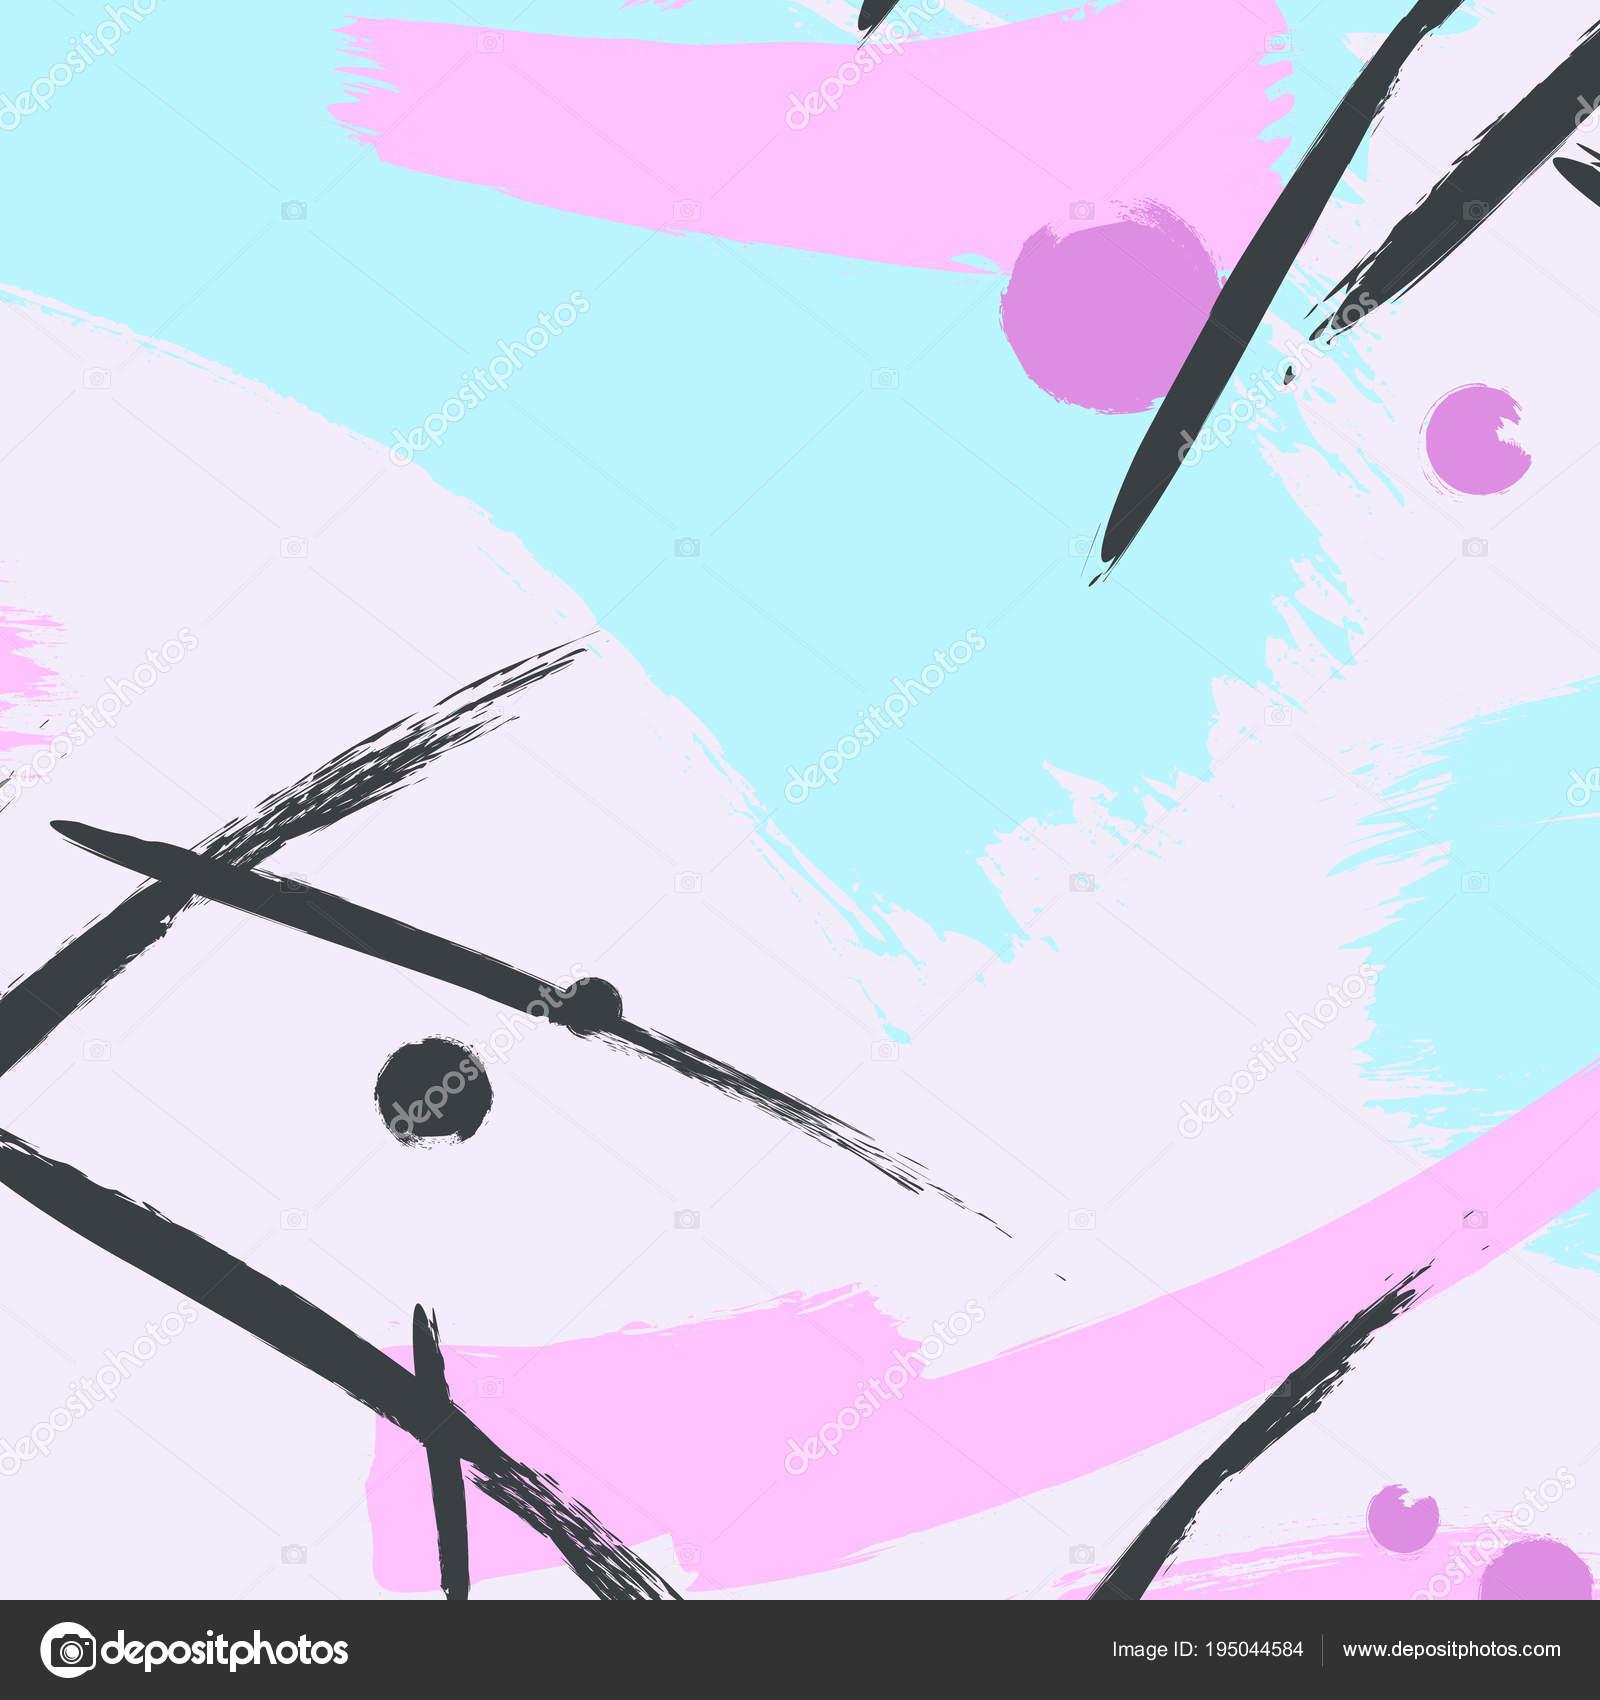 Vektor Dymanic Pinsel Strichmuster. Pastell kreative Zeitgenössische ...